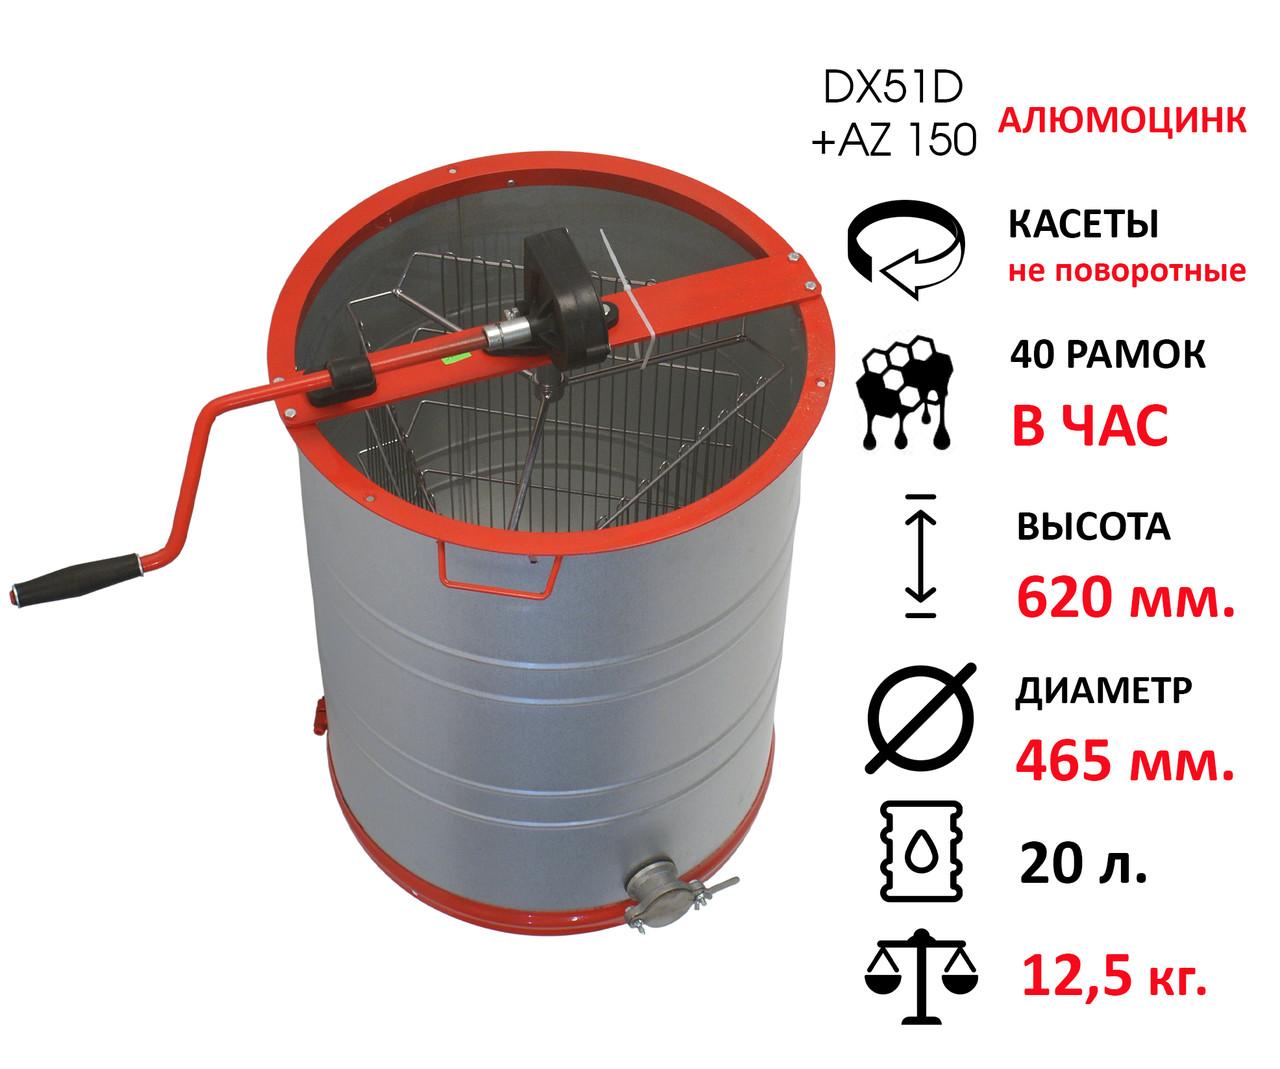 Медогонка 3-х рамочная алюмоцинковая  с неповоротными кассетами